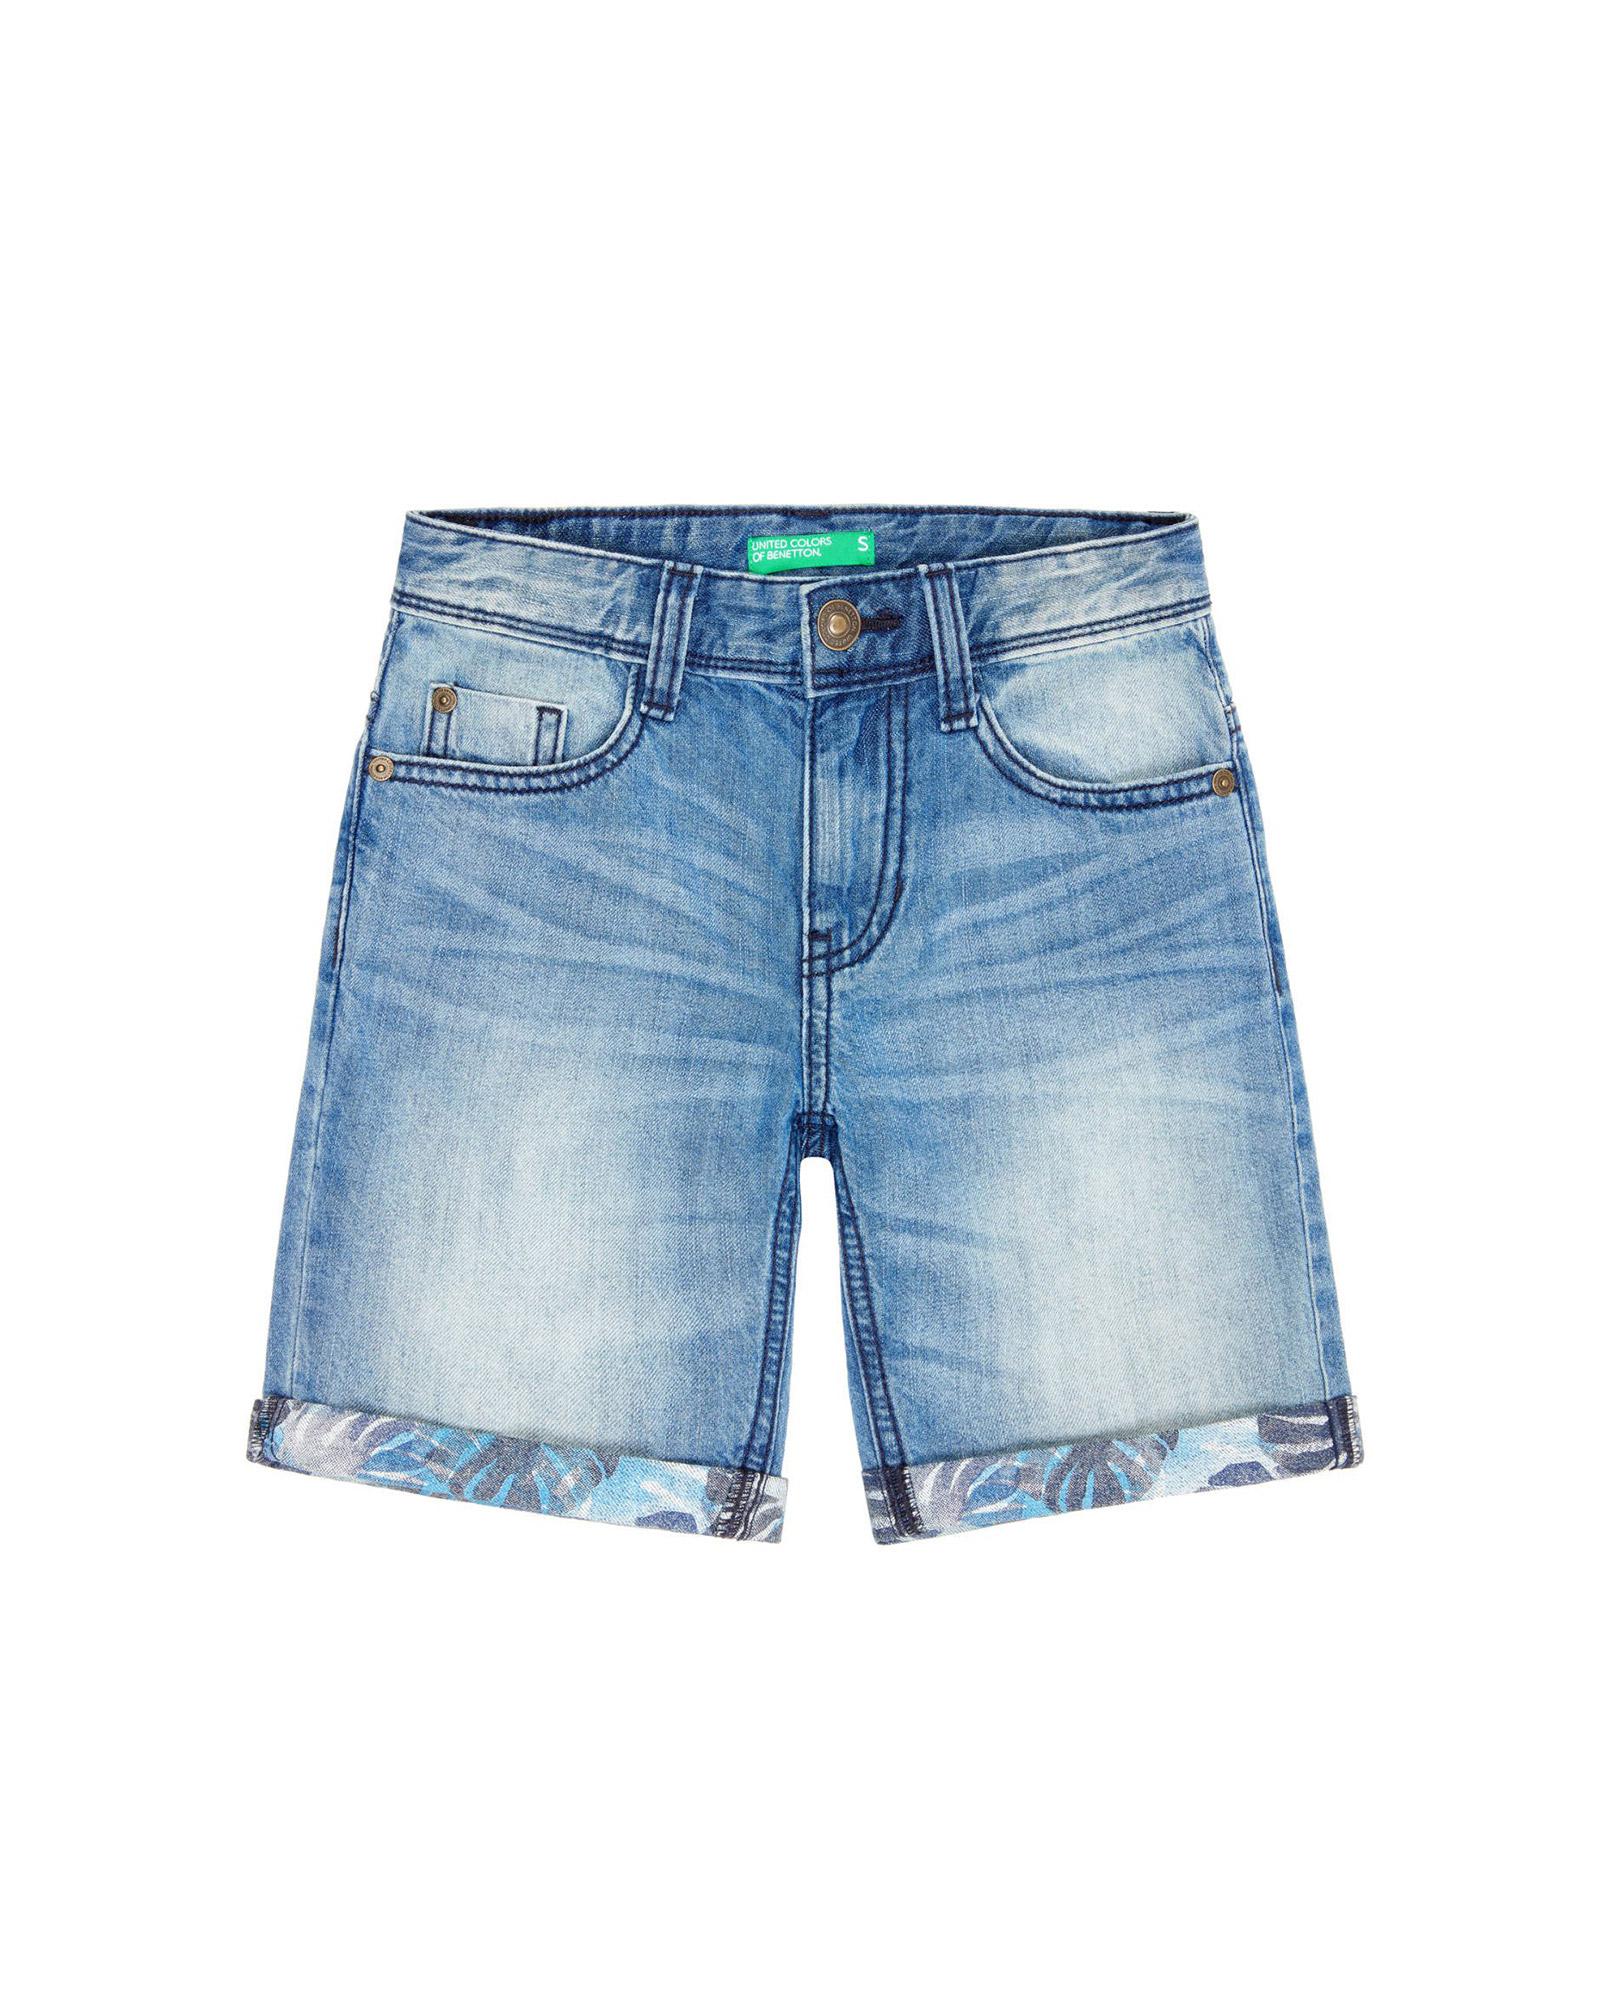 63e2533d Apparel Boys Collection 2019 | Benetton